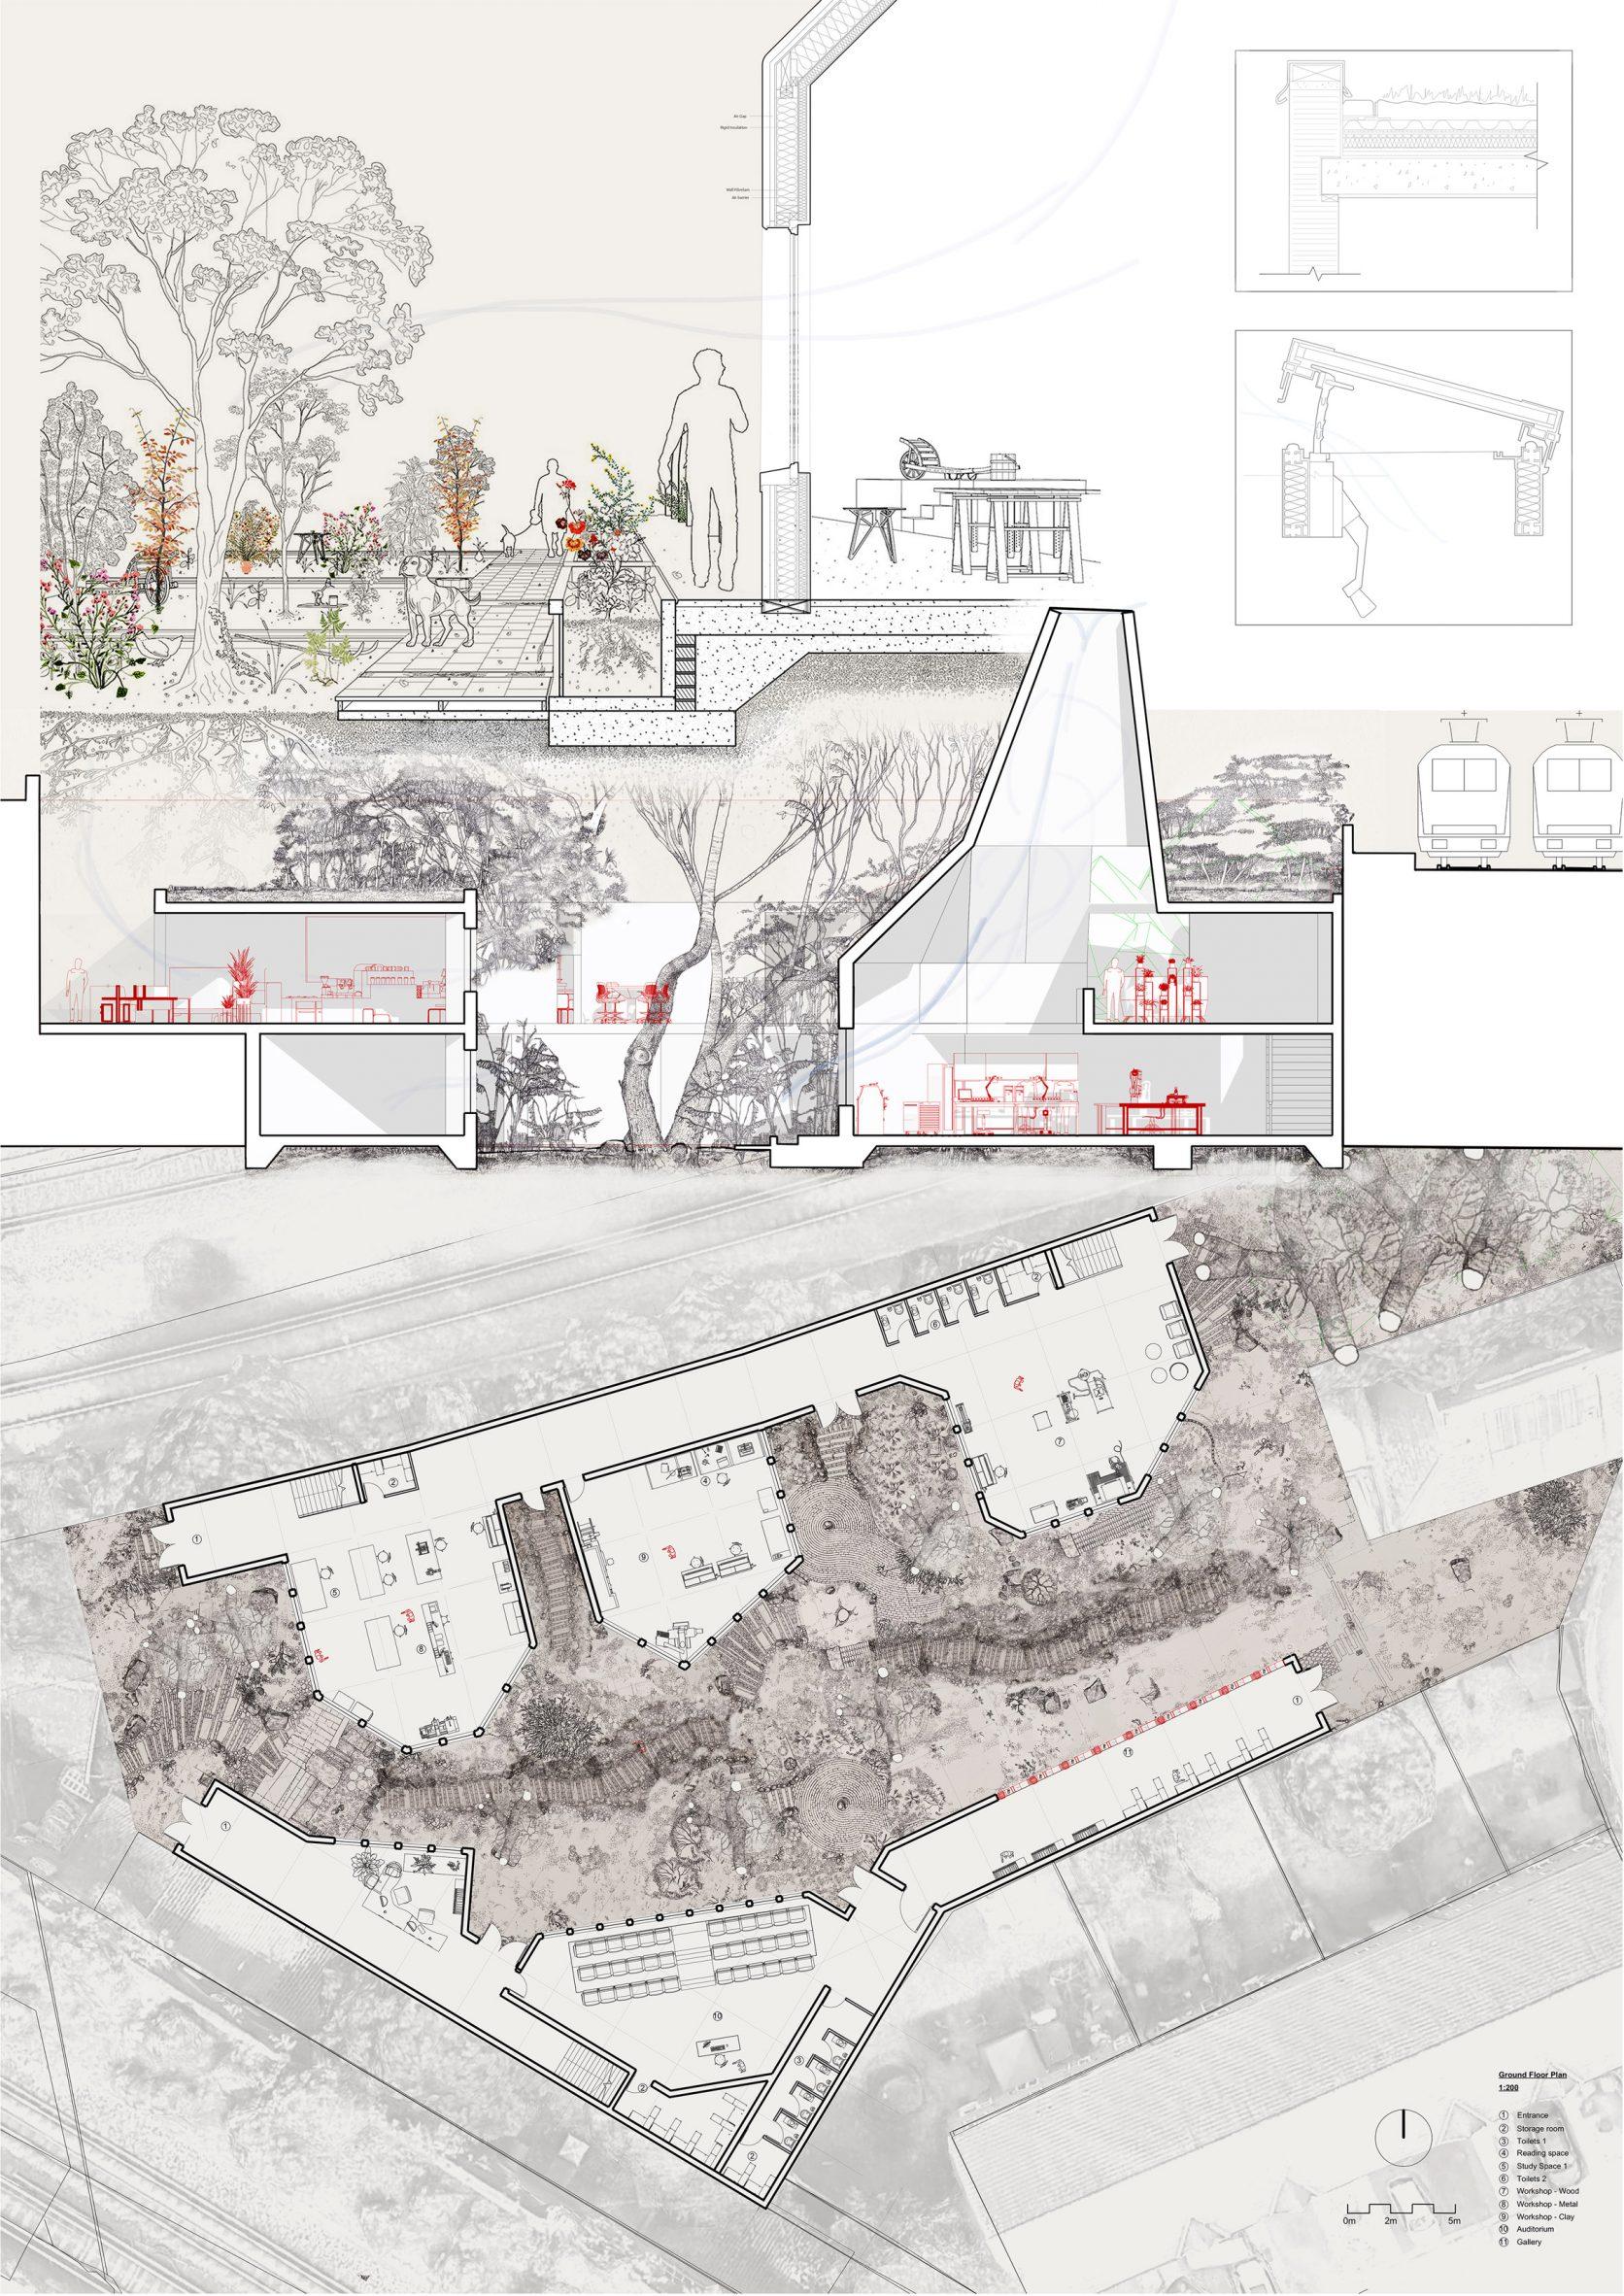 A visualisation of a model making workshop